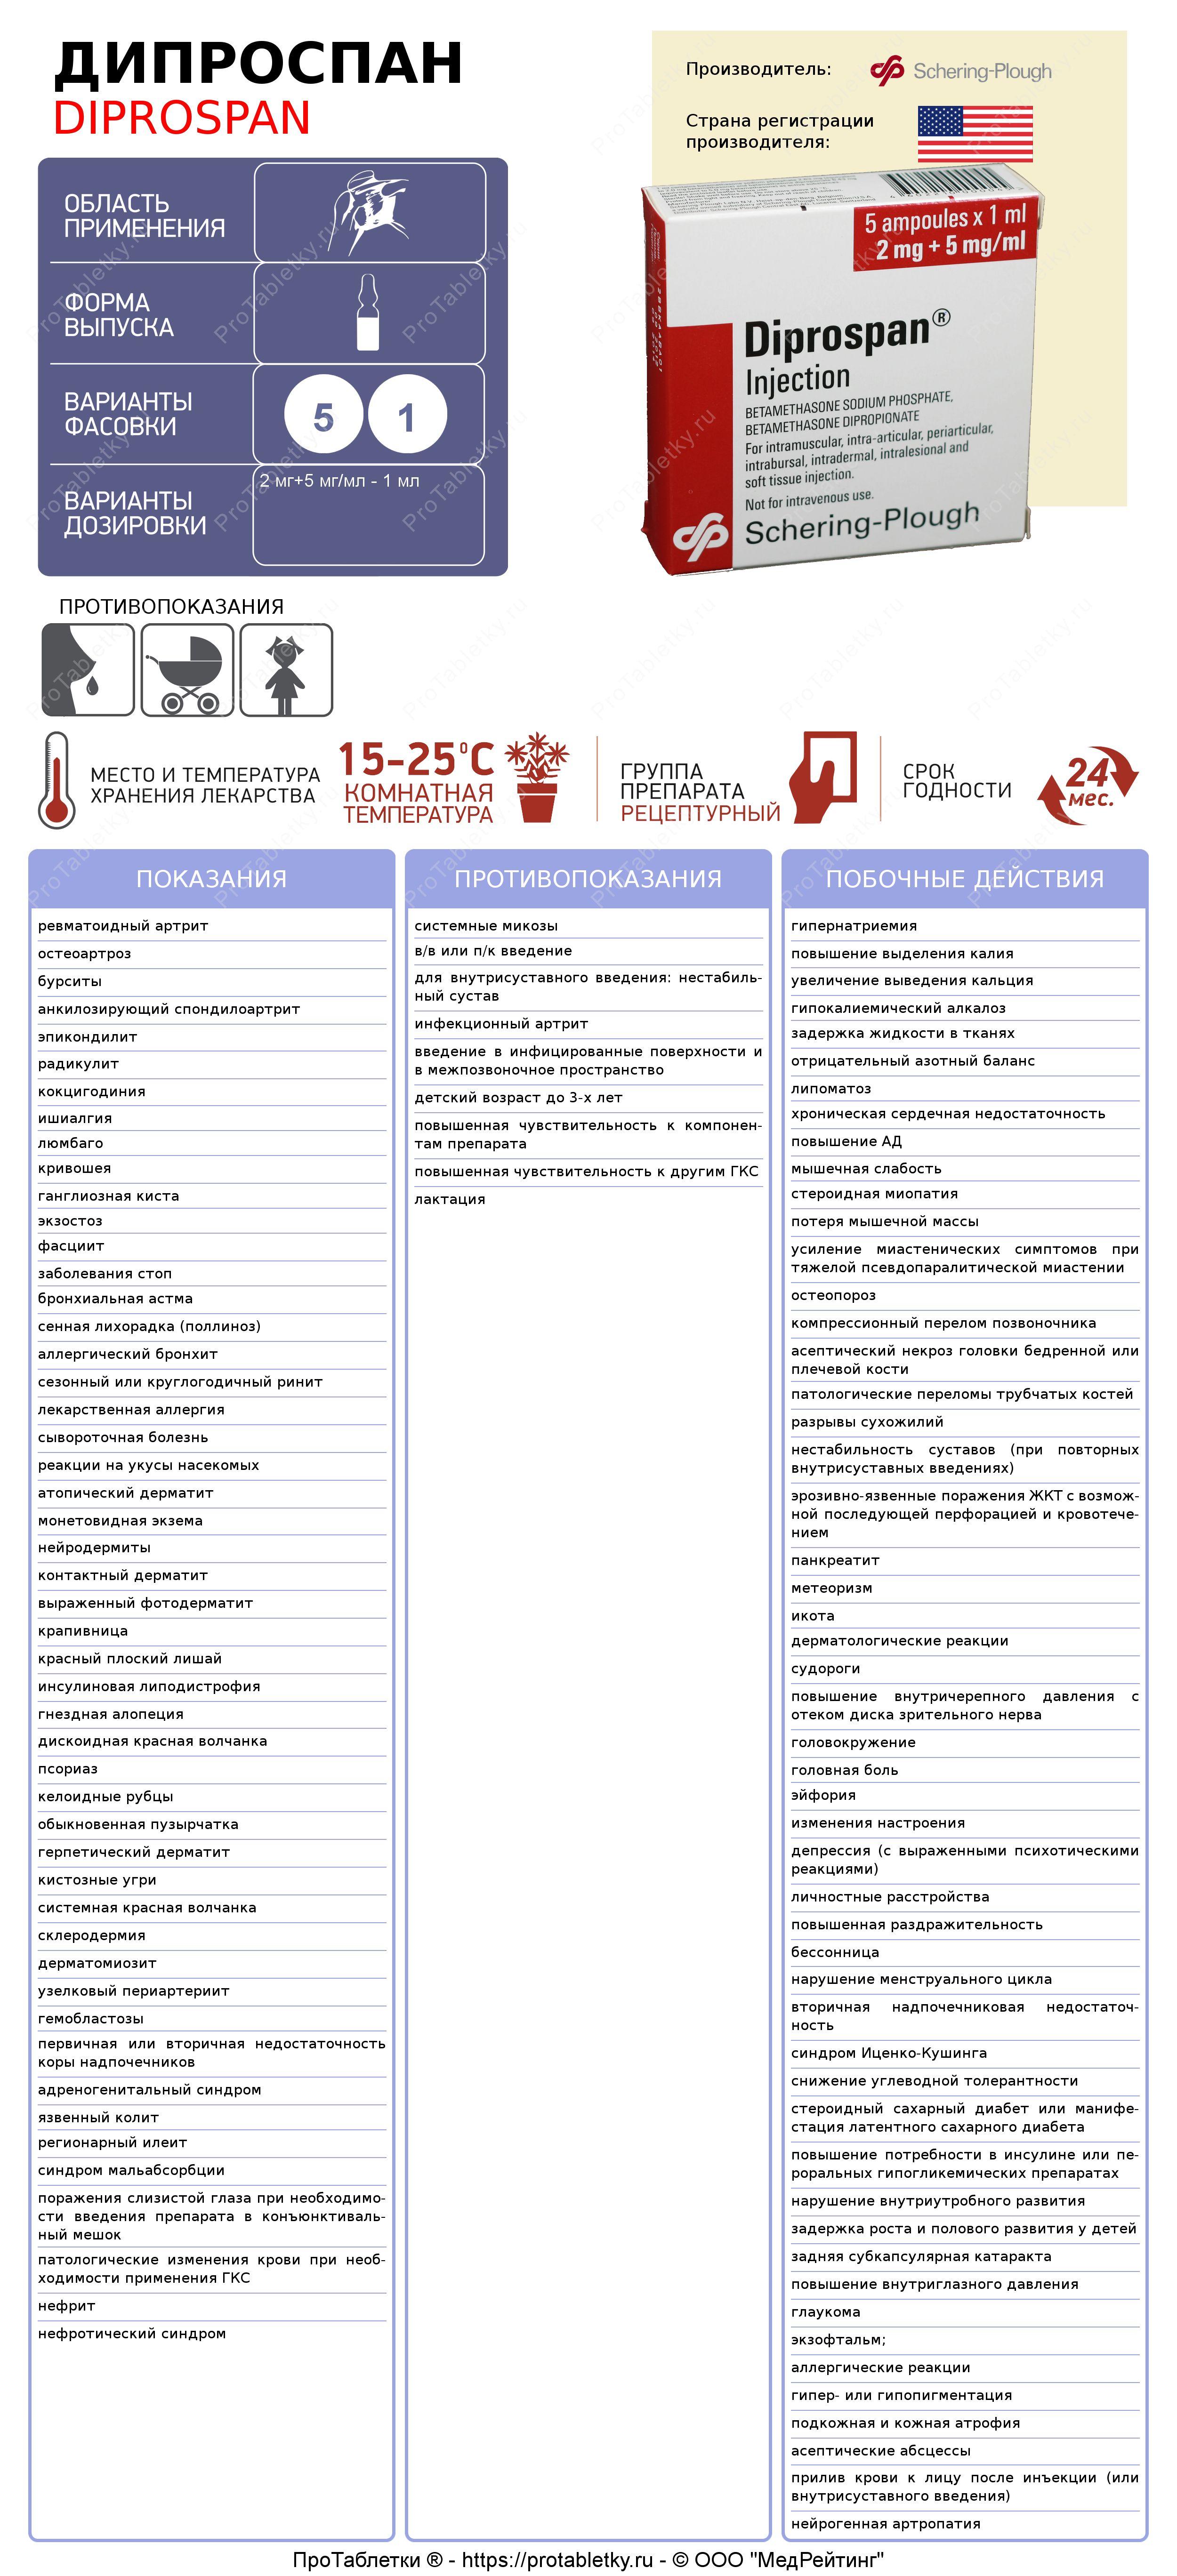 Применение Дипроспана при псориазе - за и против